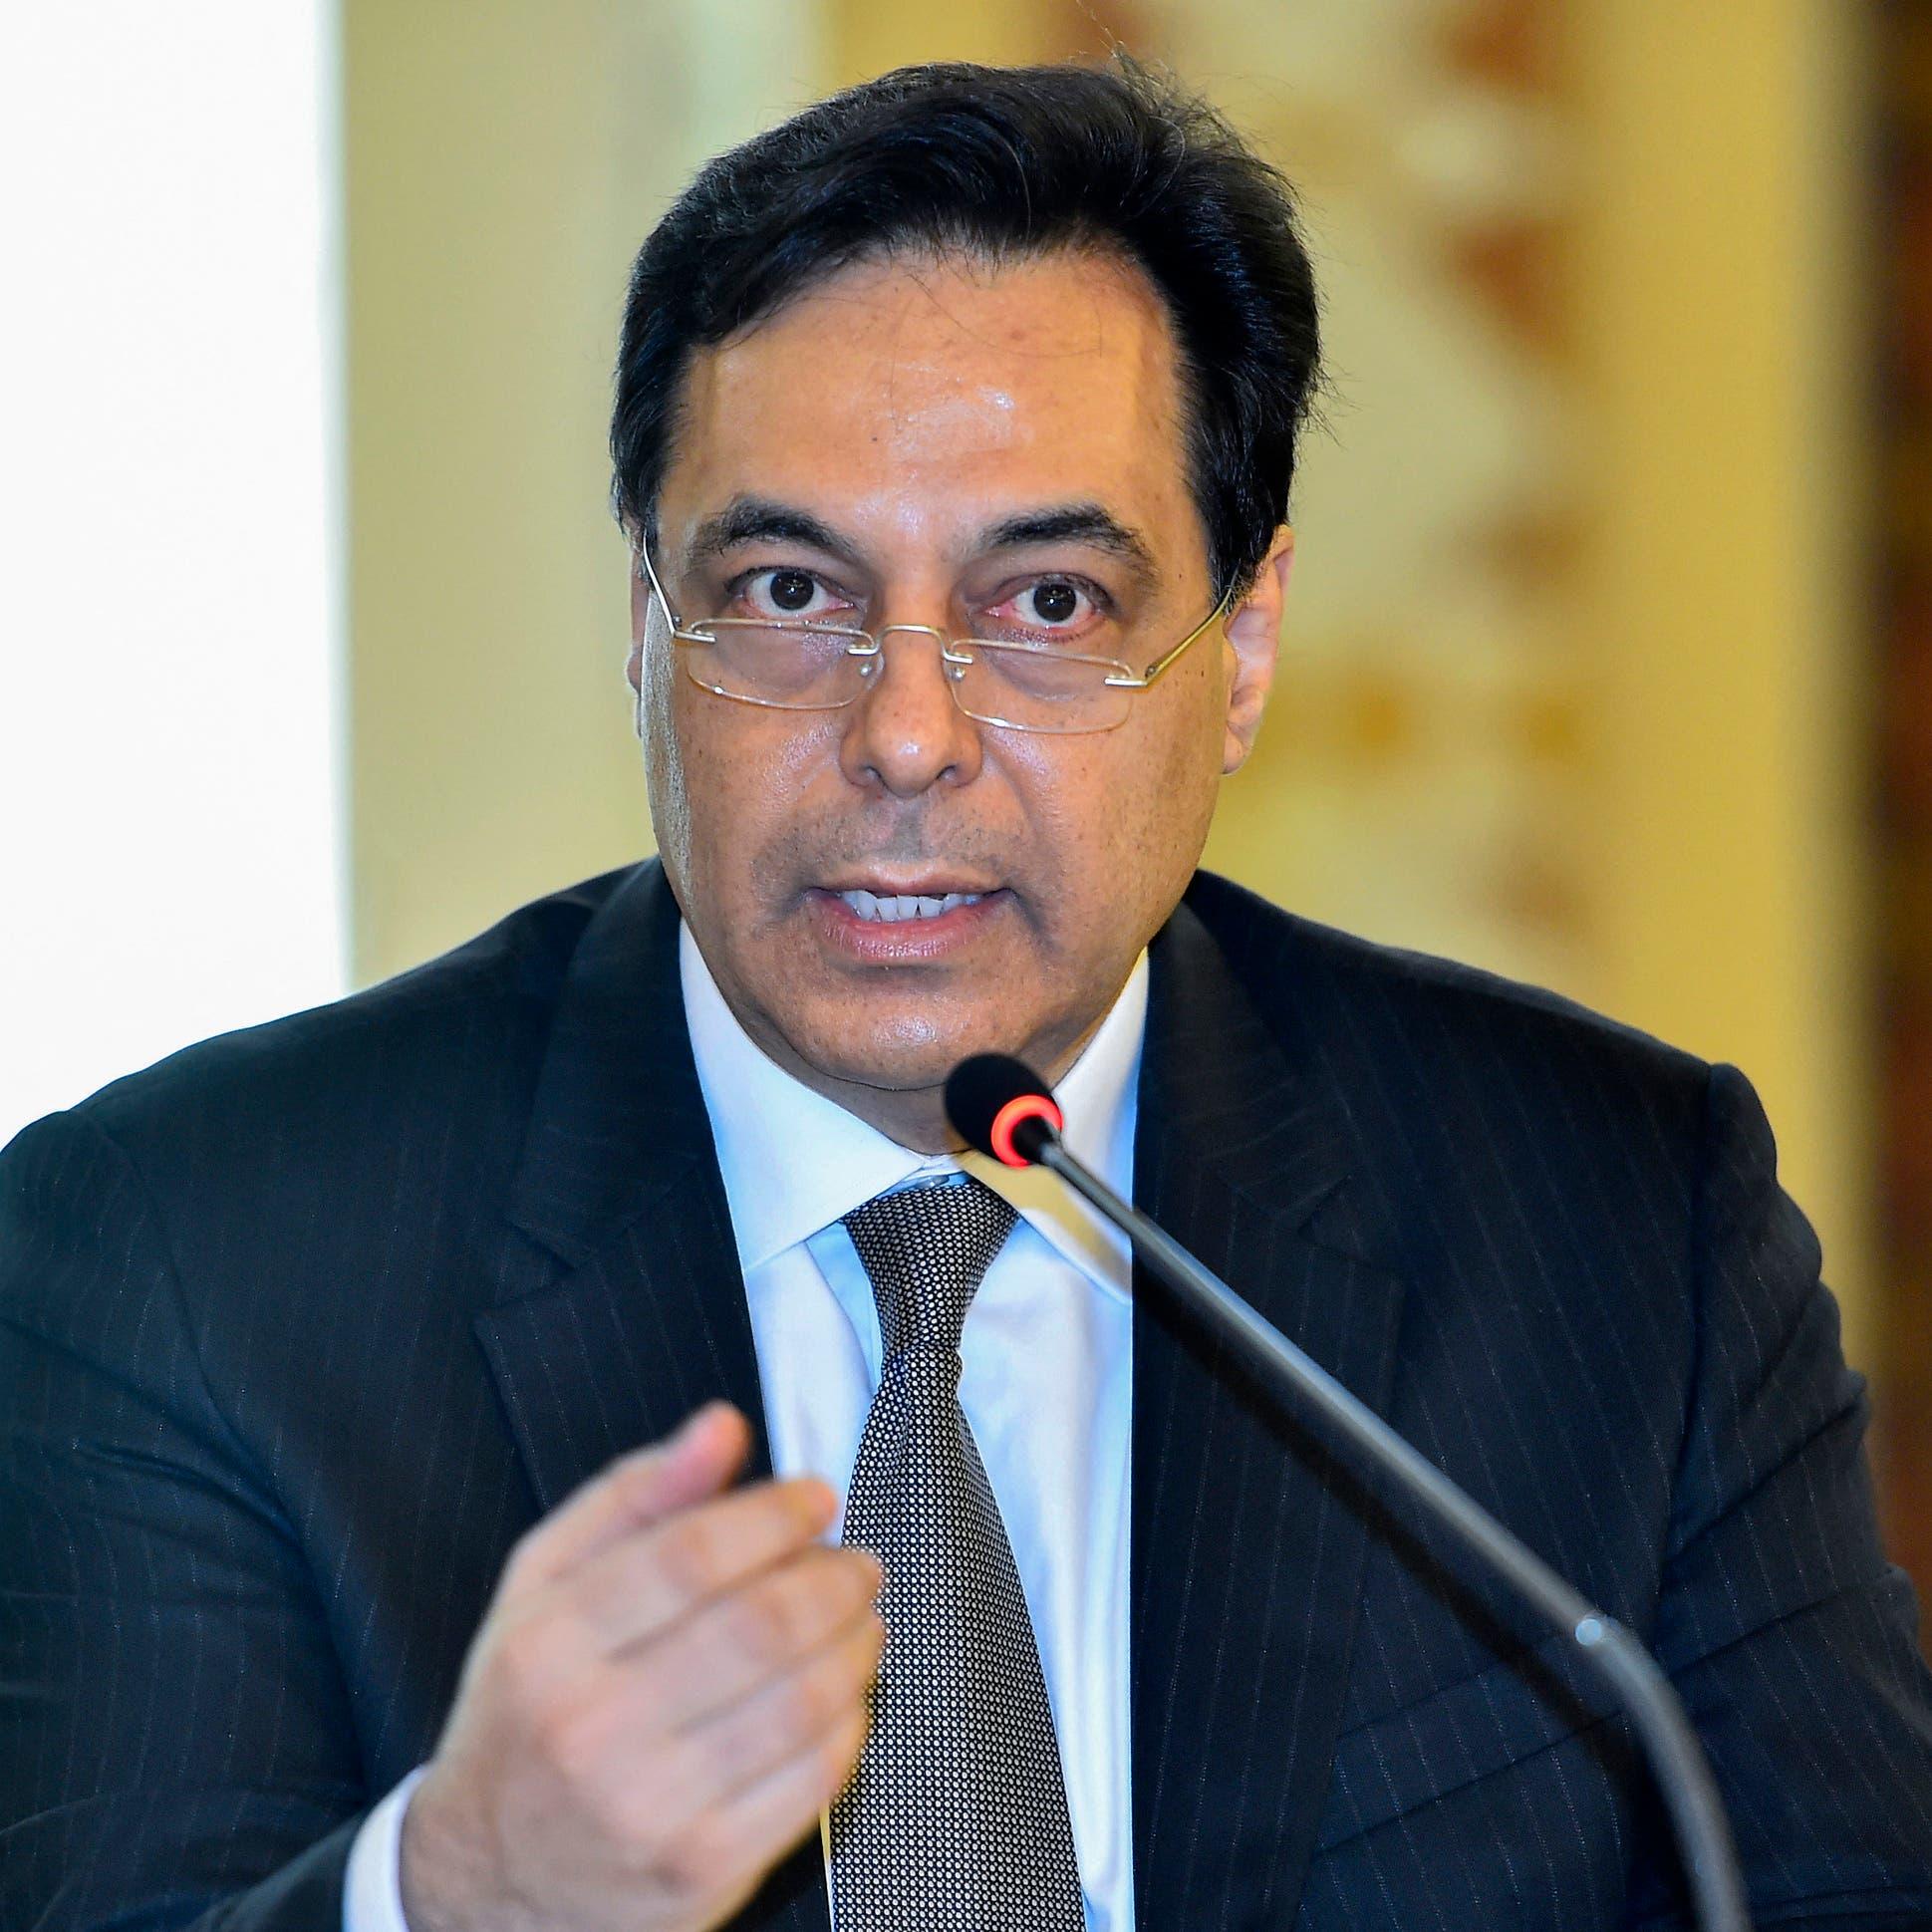 دياب يدعو لتجاوز كل الحسابات من أجل مصلحة لبنان